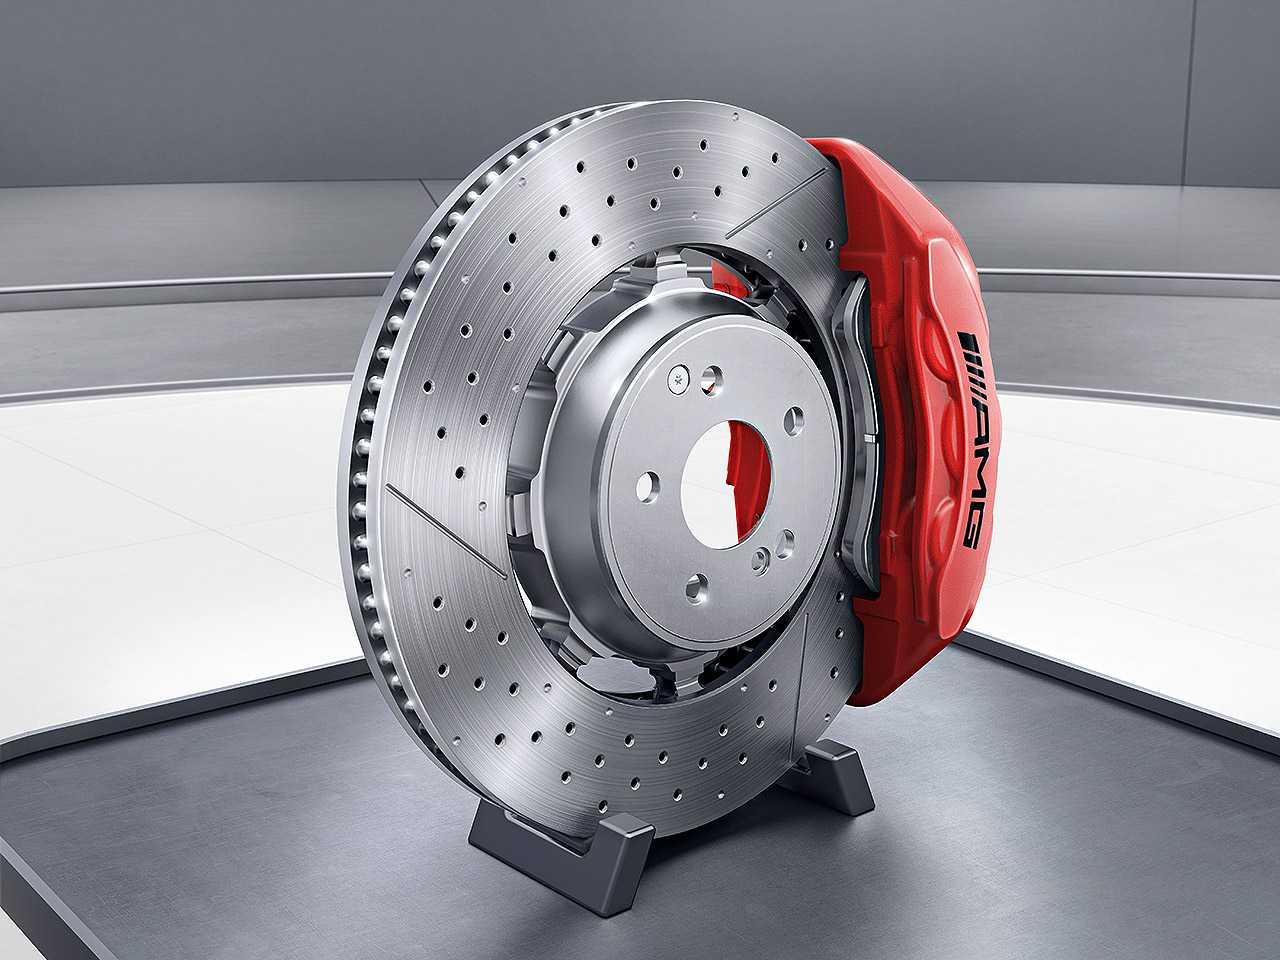 Acima o freio de alta performance utilizado pela Mercedes-AMG